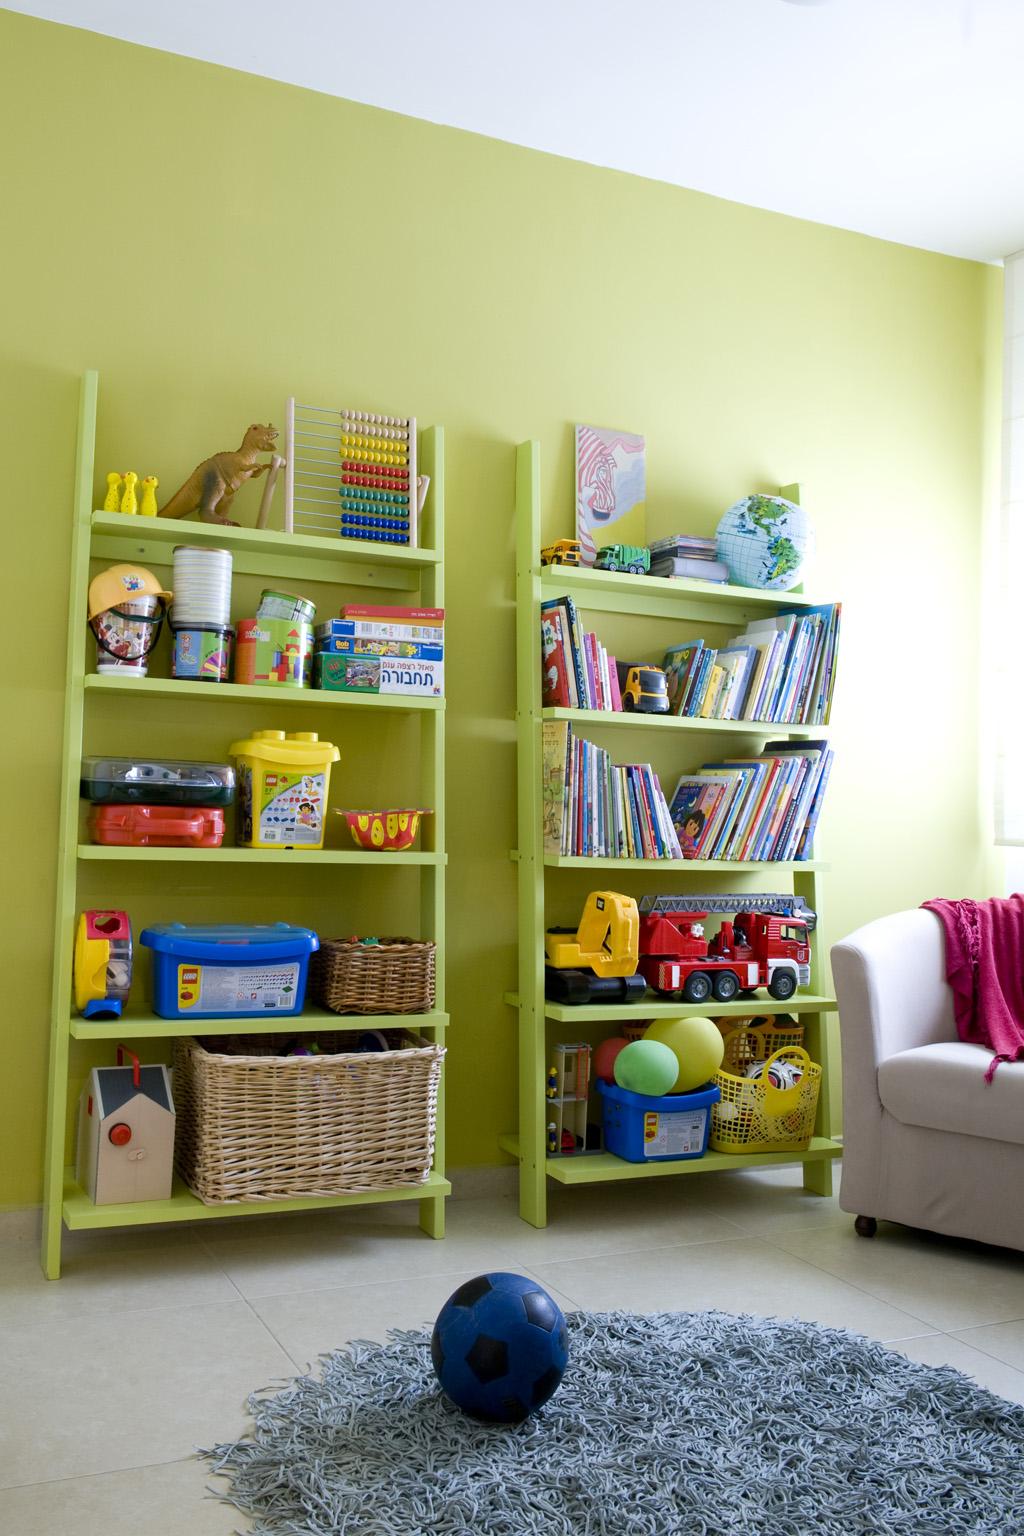 חדר משחקים פינת חדר עבודה חדר משפחה